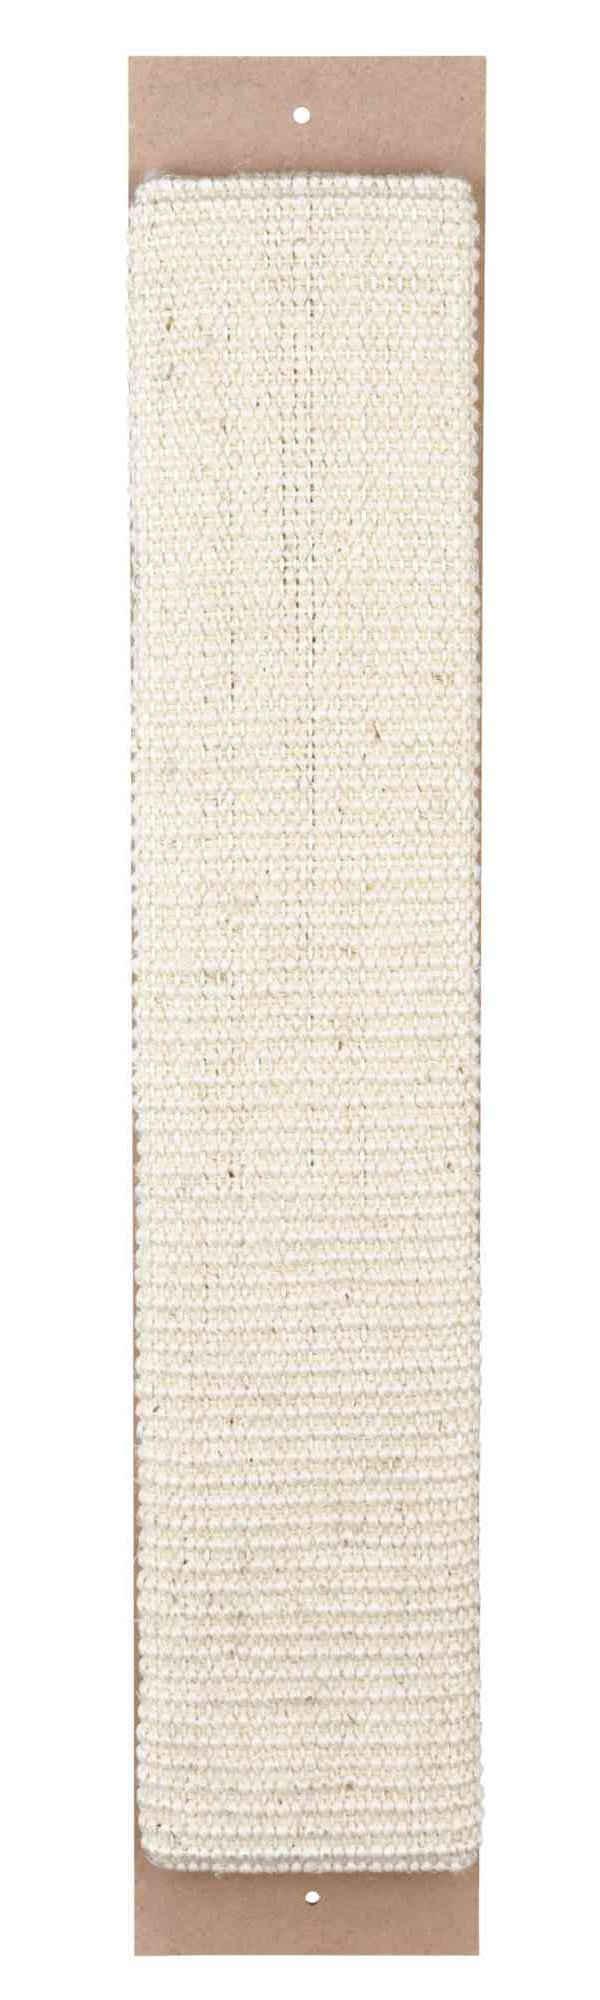 TRIXIE Kratzbrett »Sisal Kratzbrett 56 x 11 cm - Beige«